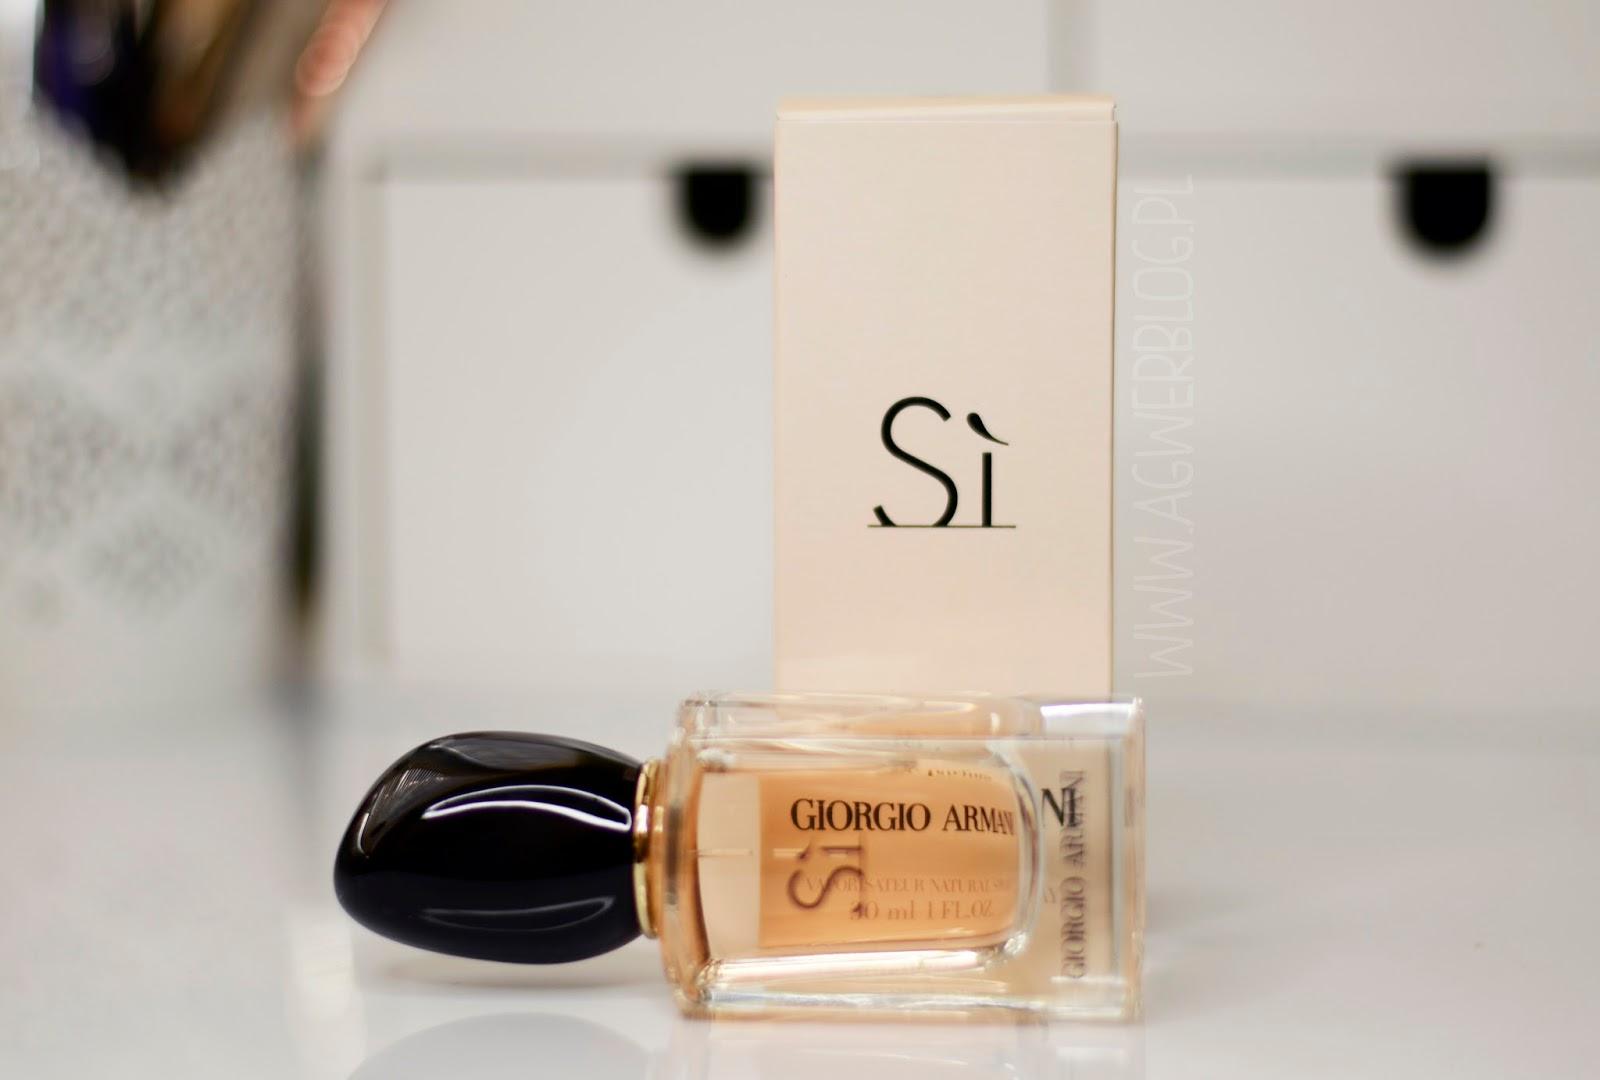 Perfumy-si-giorgio-armani